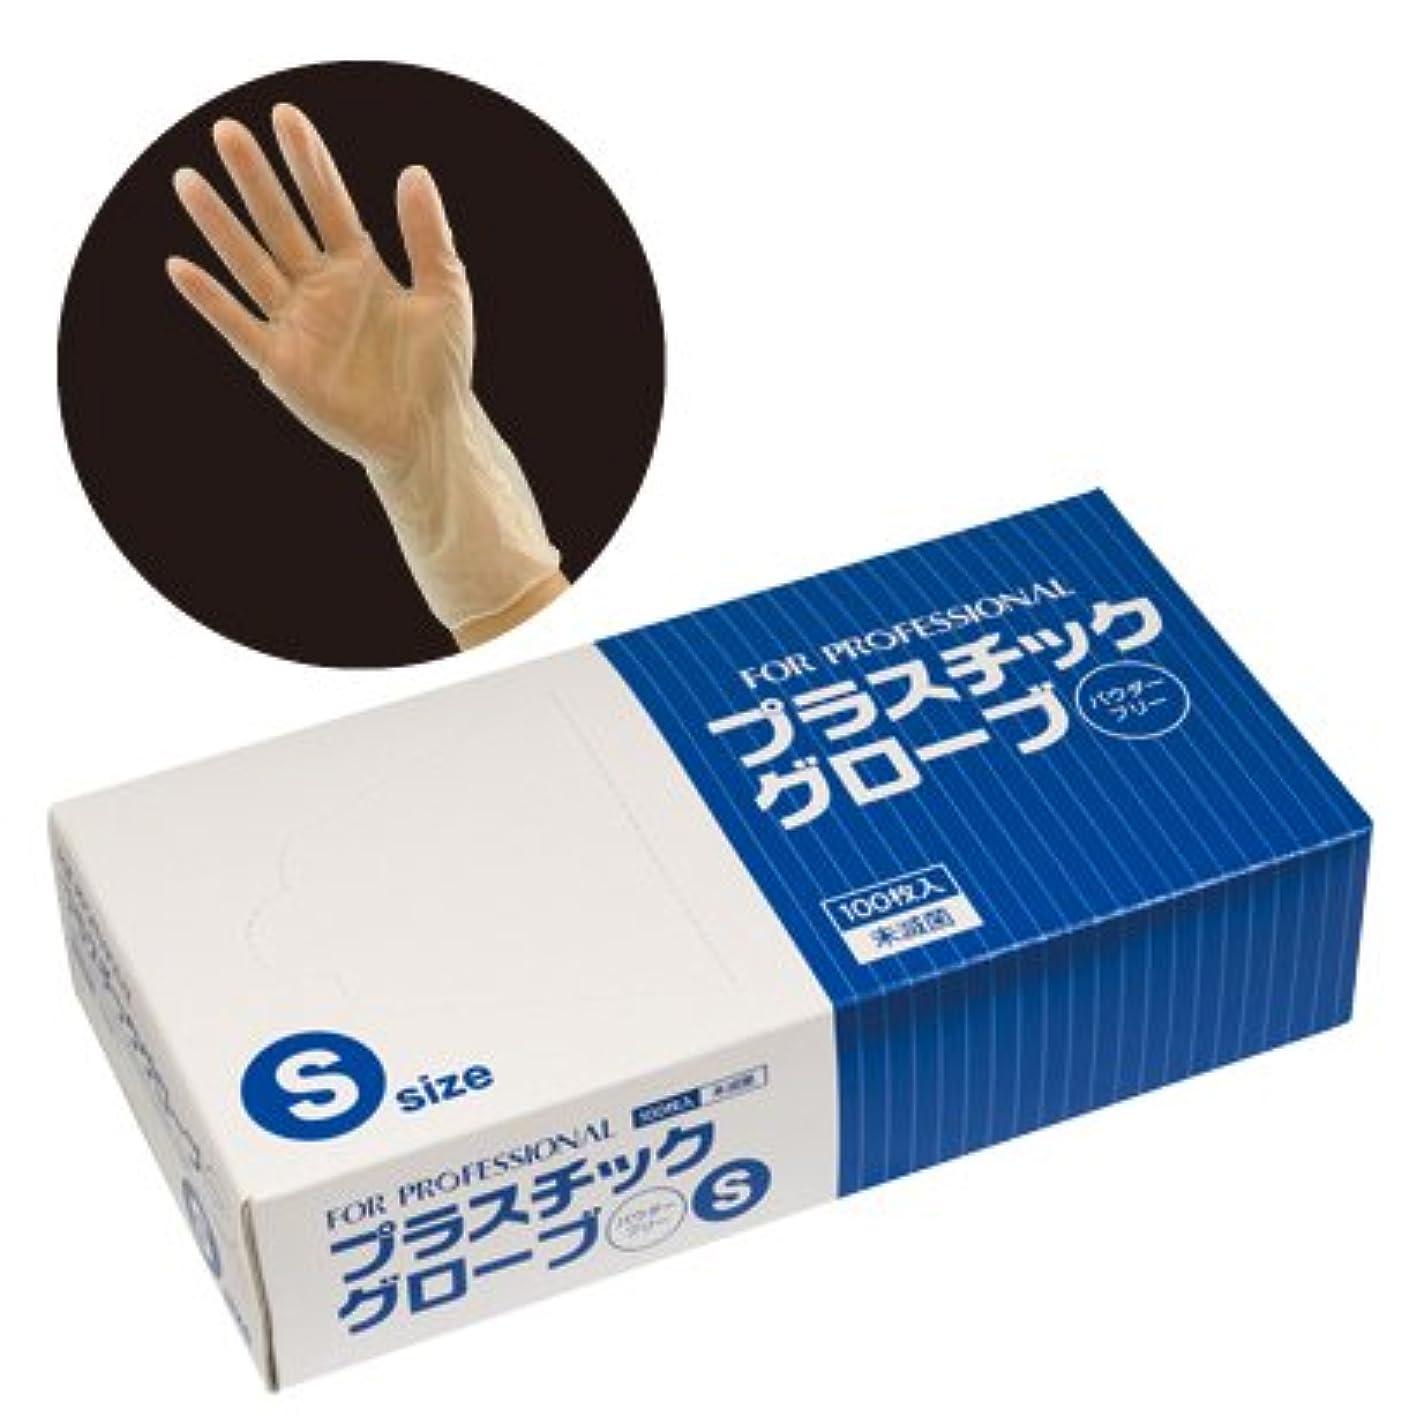 あいまいさグラディス動機【業務用】 FEED(フィード) プラスチックグローブ(手袋) パウダーフリー/S カートン(100枚入×10ケース) (作業用) (378円/1個あたり)